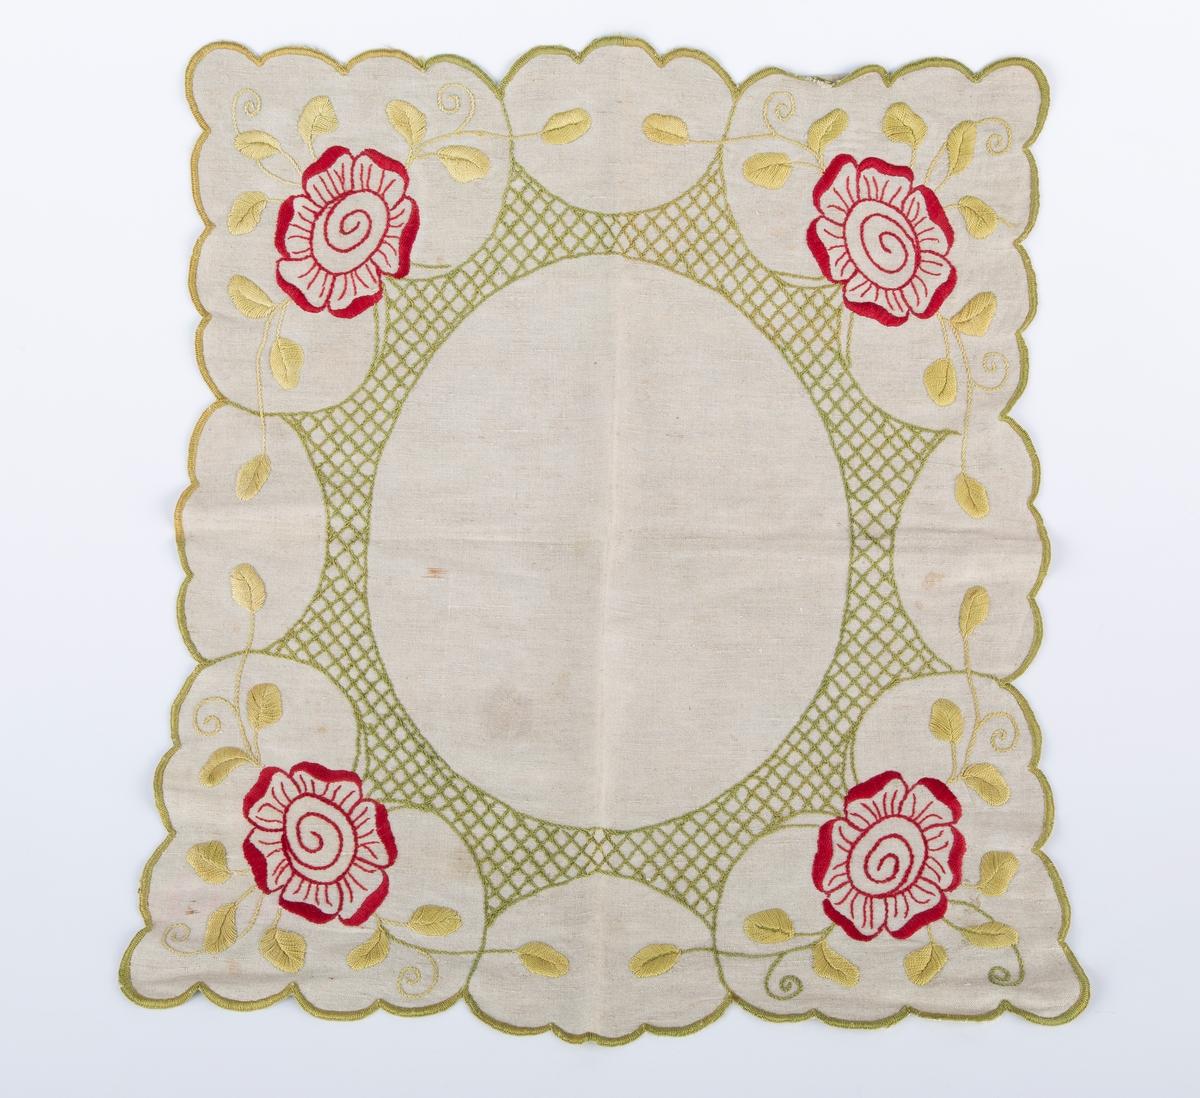 Duk, Pynteduk. tilnærmet kvadratt Flerfarget plattsøm, røde blomster i hjørner, grønne blader og gitterbord